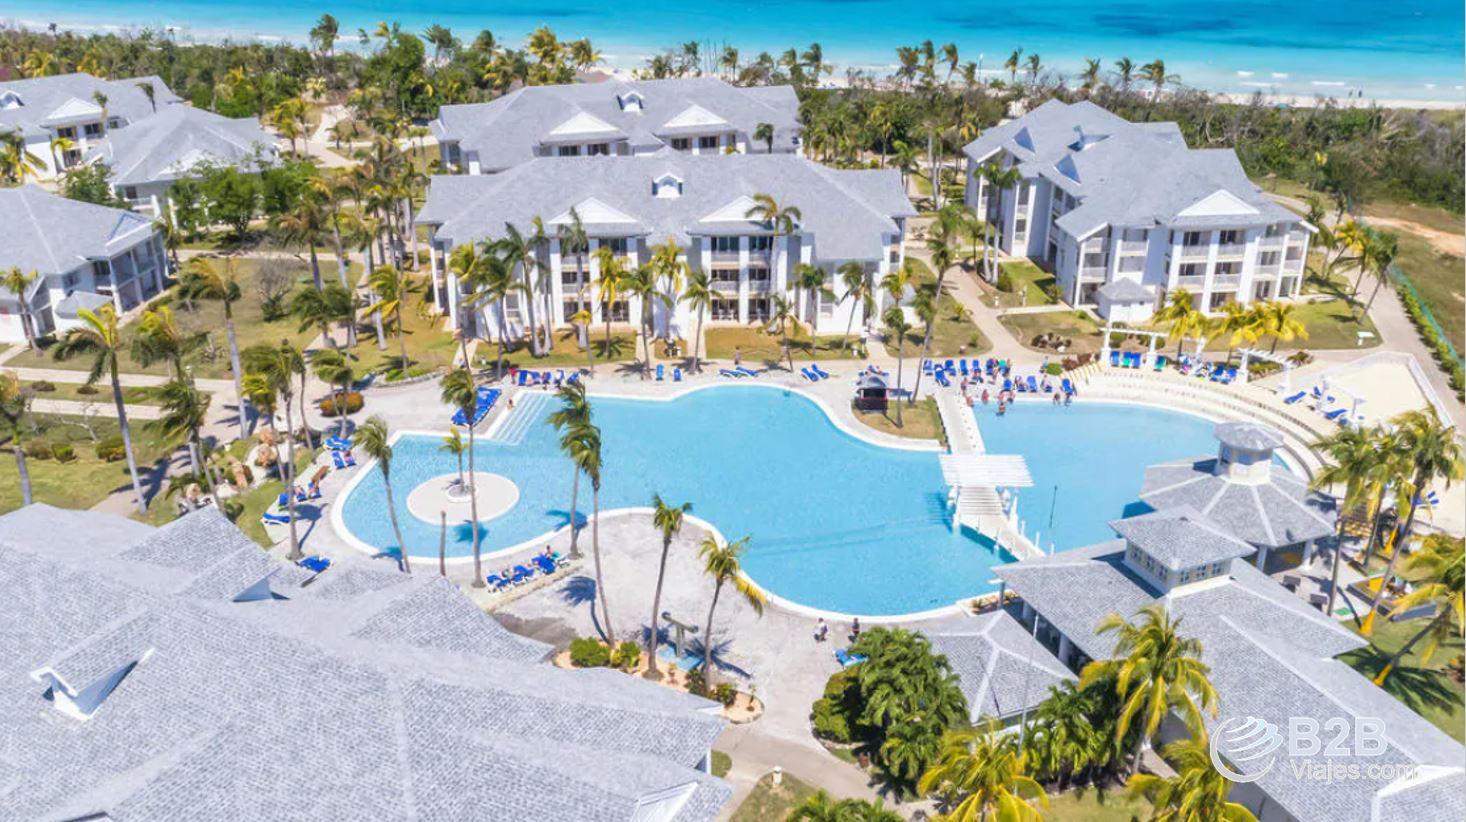 Hotel Melia Peninsula Varadero 5* ofertas Vacaciones Singles y B2Bviajes